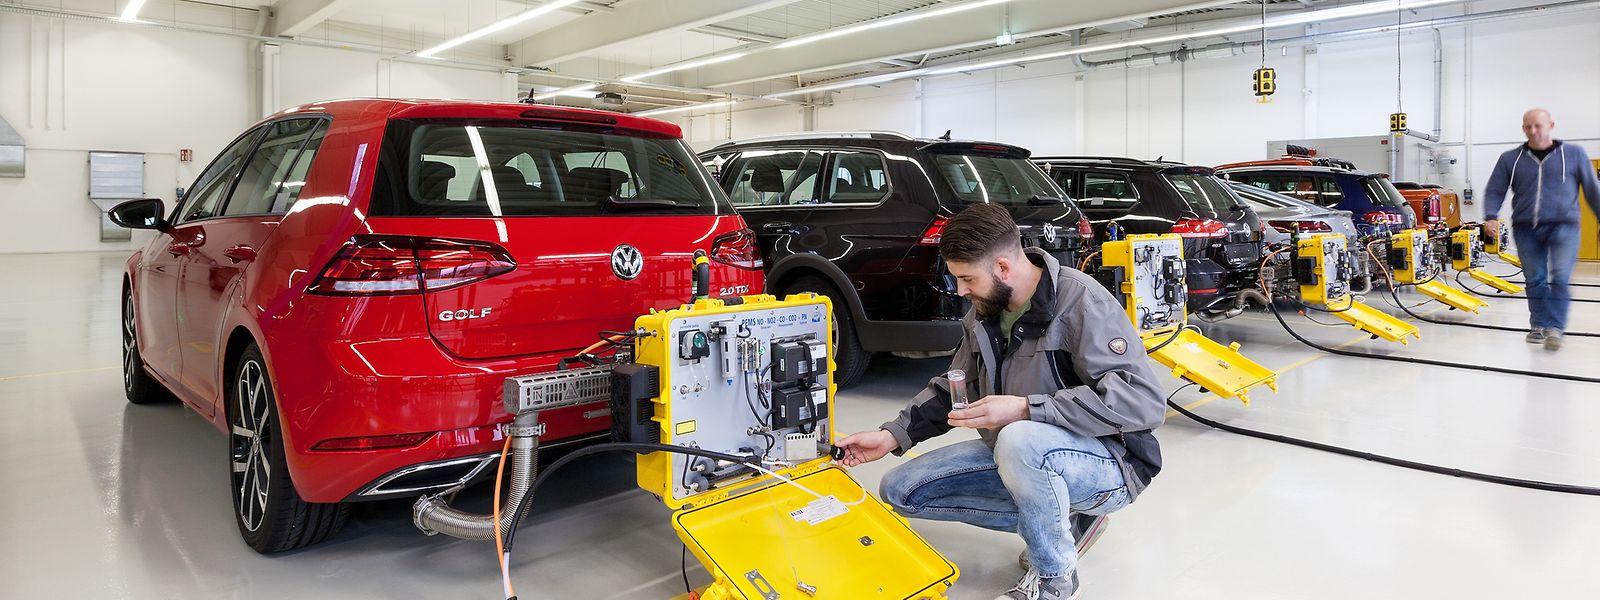 Warum das neue europäische Messverfahren für Neuwagen sich in Luxemburg erst später auf die Steuern auswirkt als bei den deutschen Nachbarn.